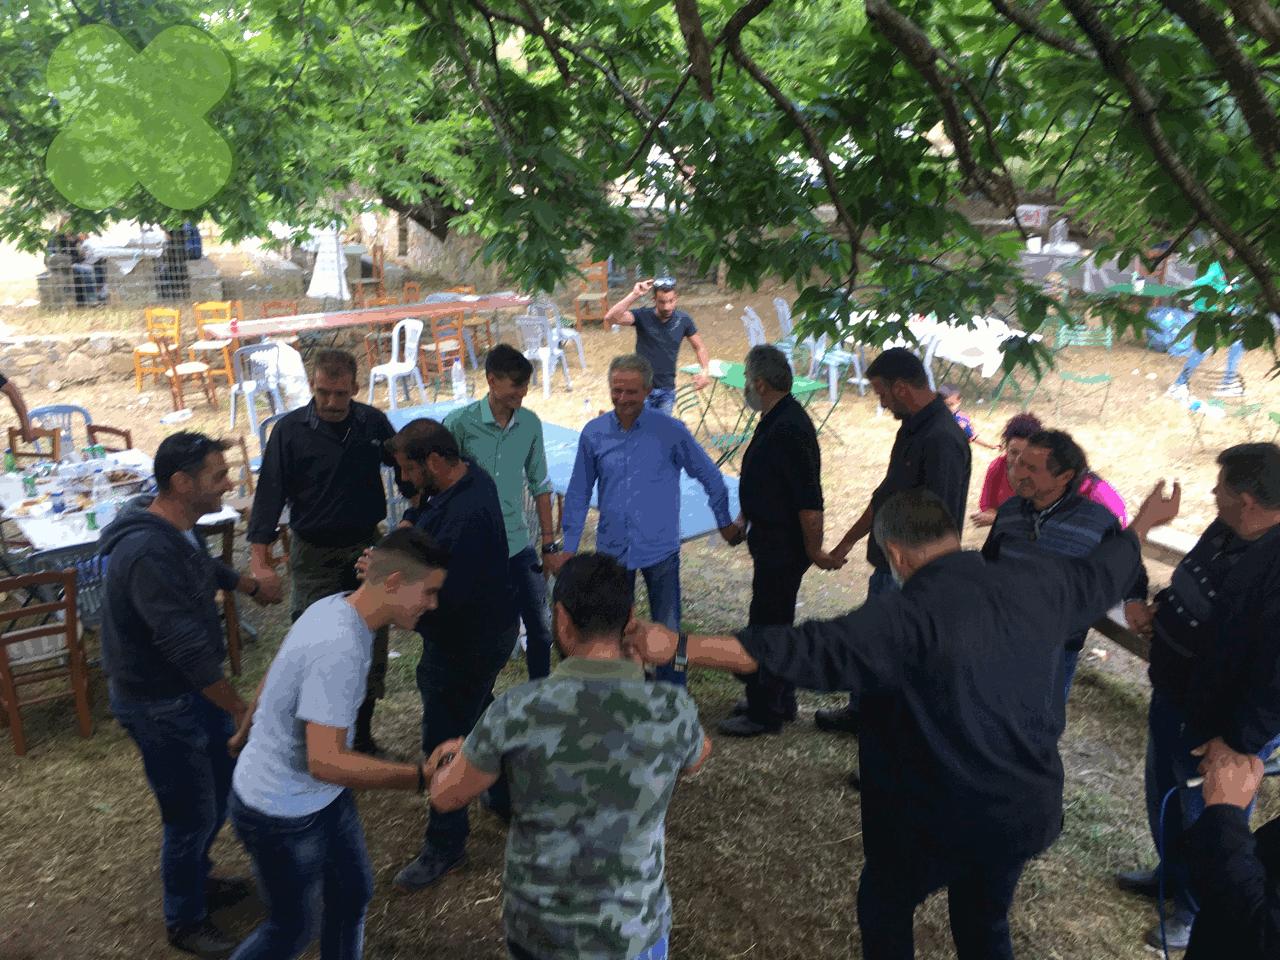 Panaygiri Agios Konstandinos IMG_09846Jun 22 2017